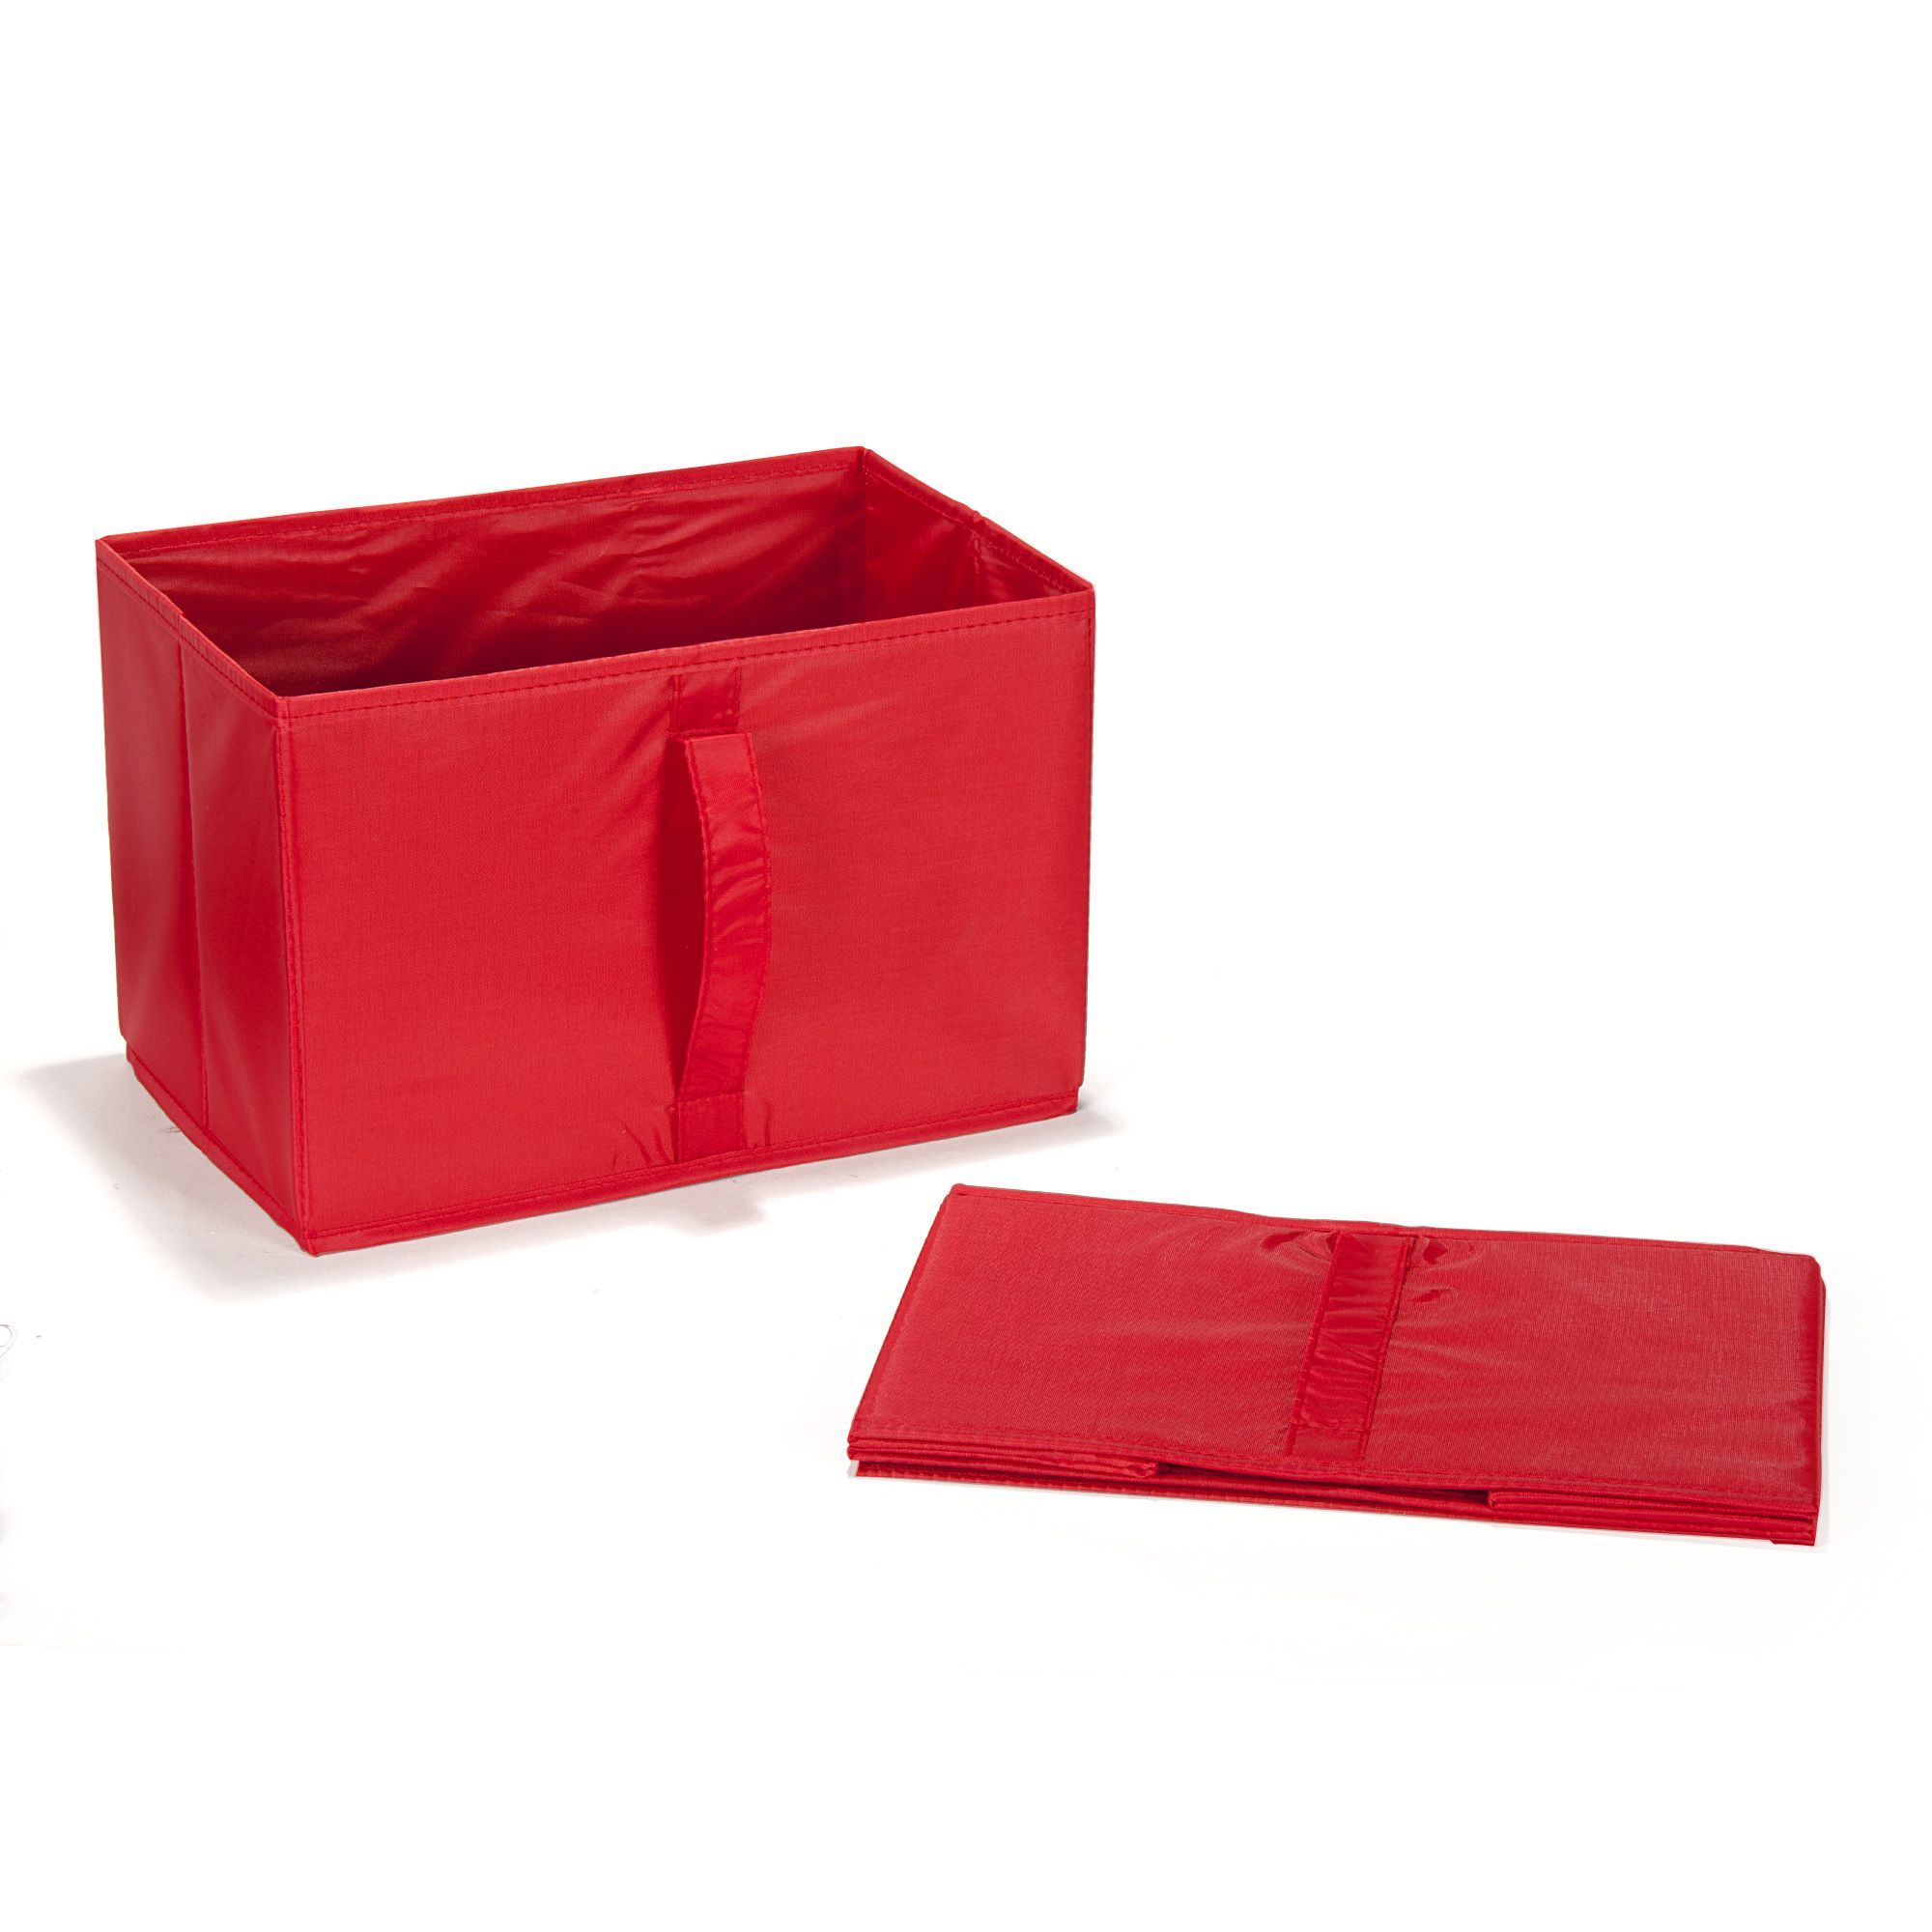 Lot de 2 boîtes Rouge - Loli - Lol - Les boites de rangements ...